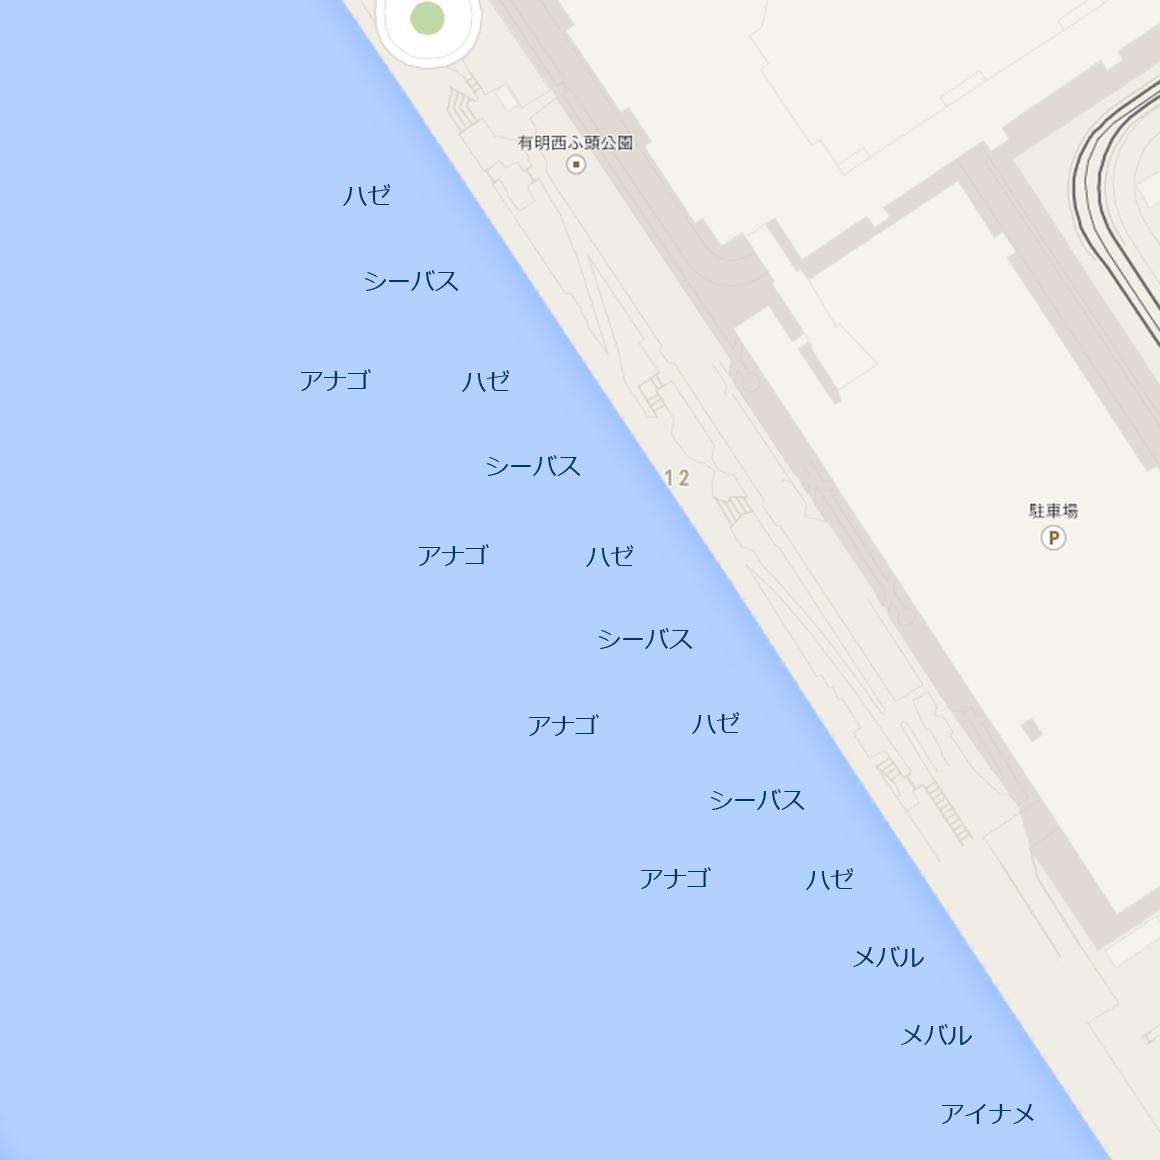 釣りマップ_有明西ふ頭公園